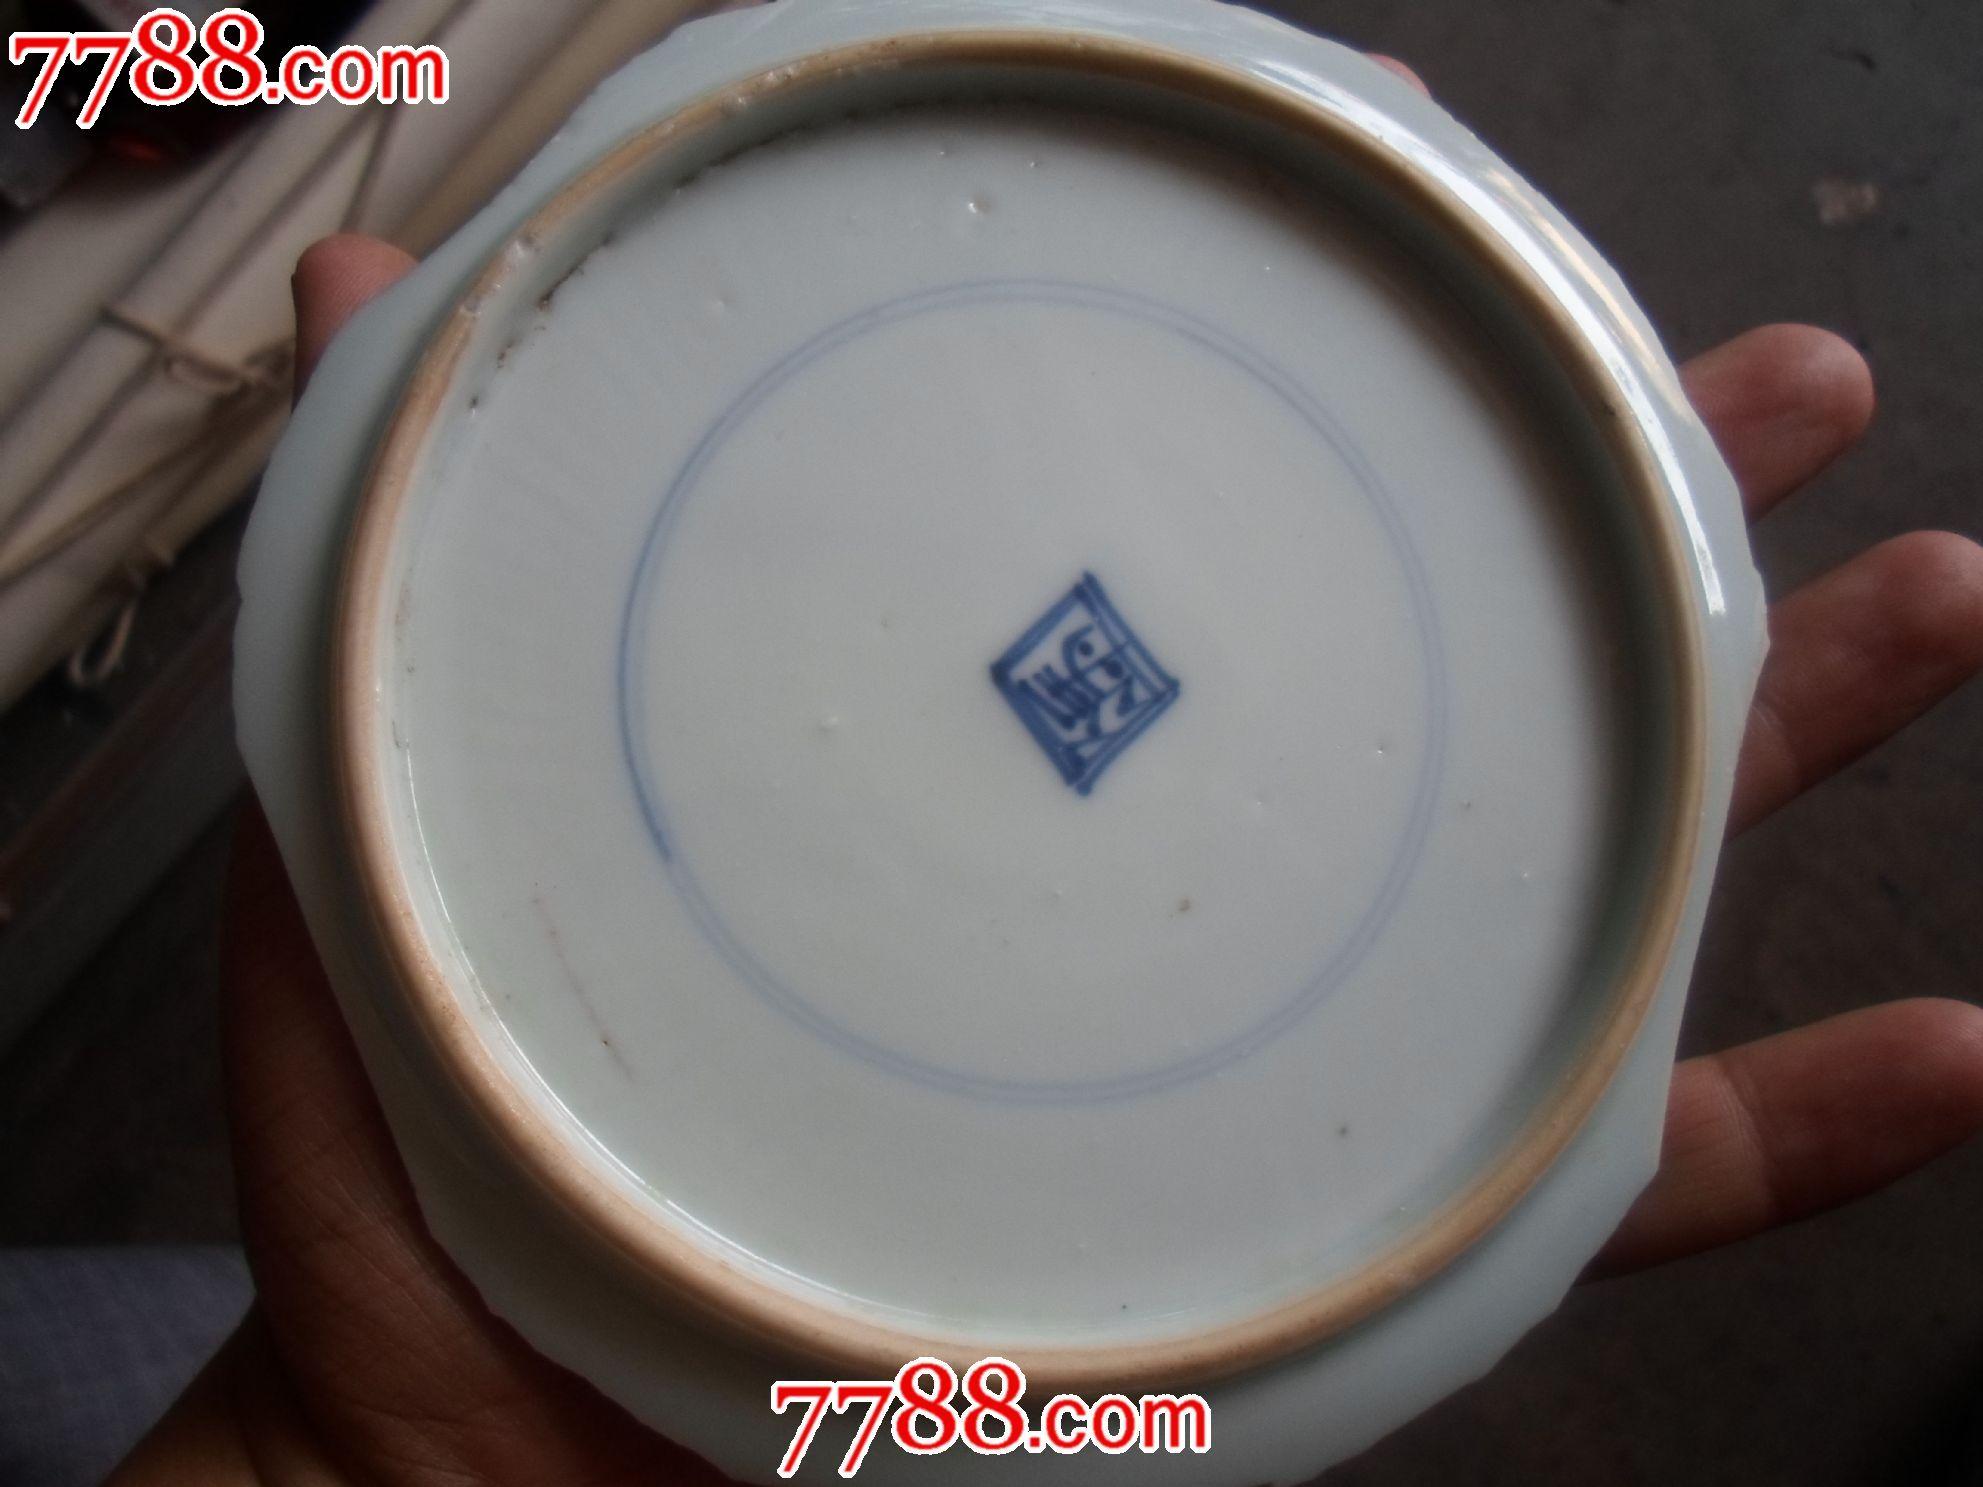 茶壶 瓷器 壶 陶瓷 1983_1487